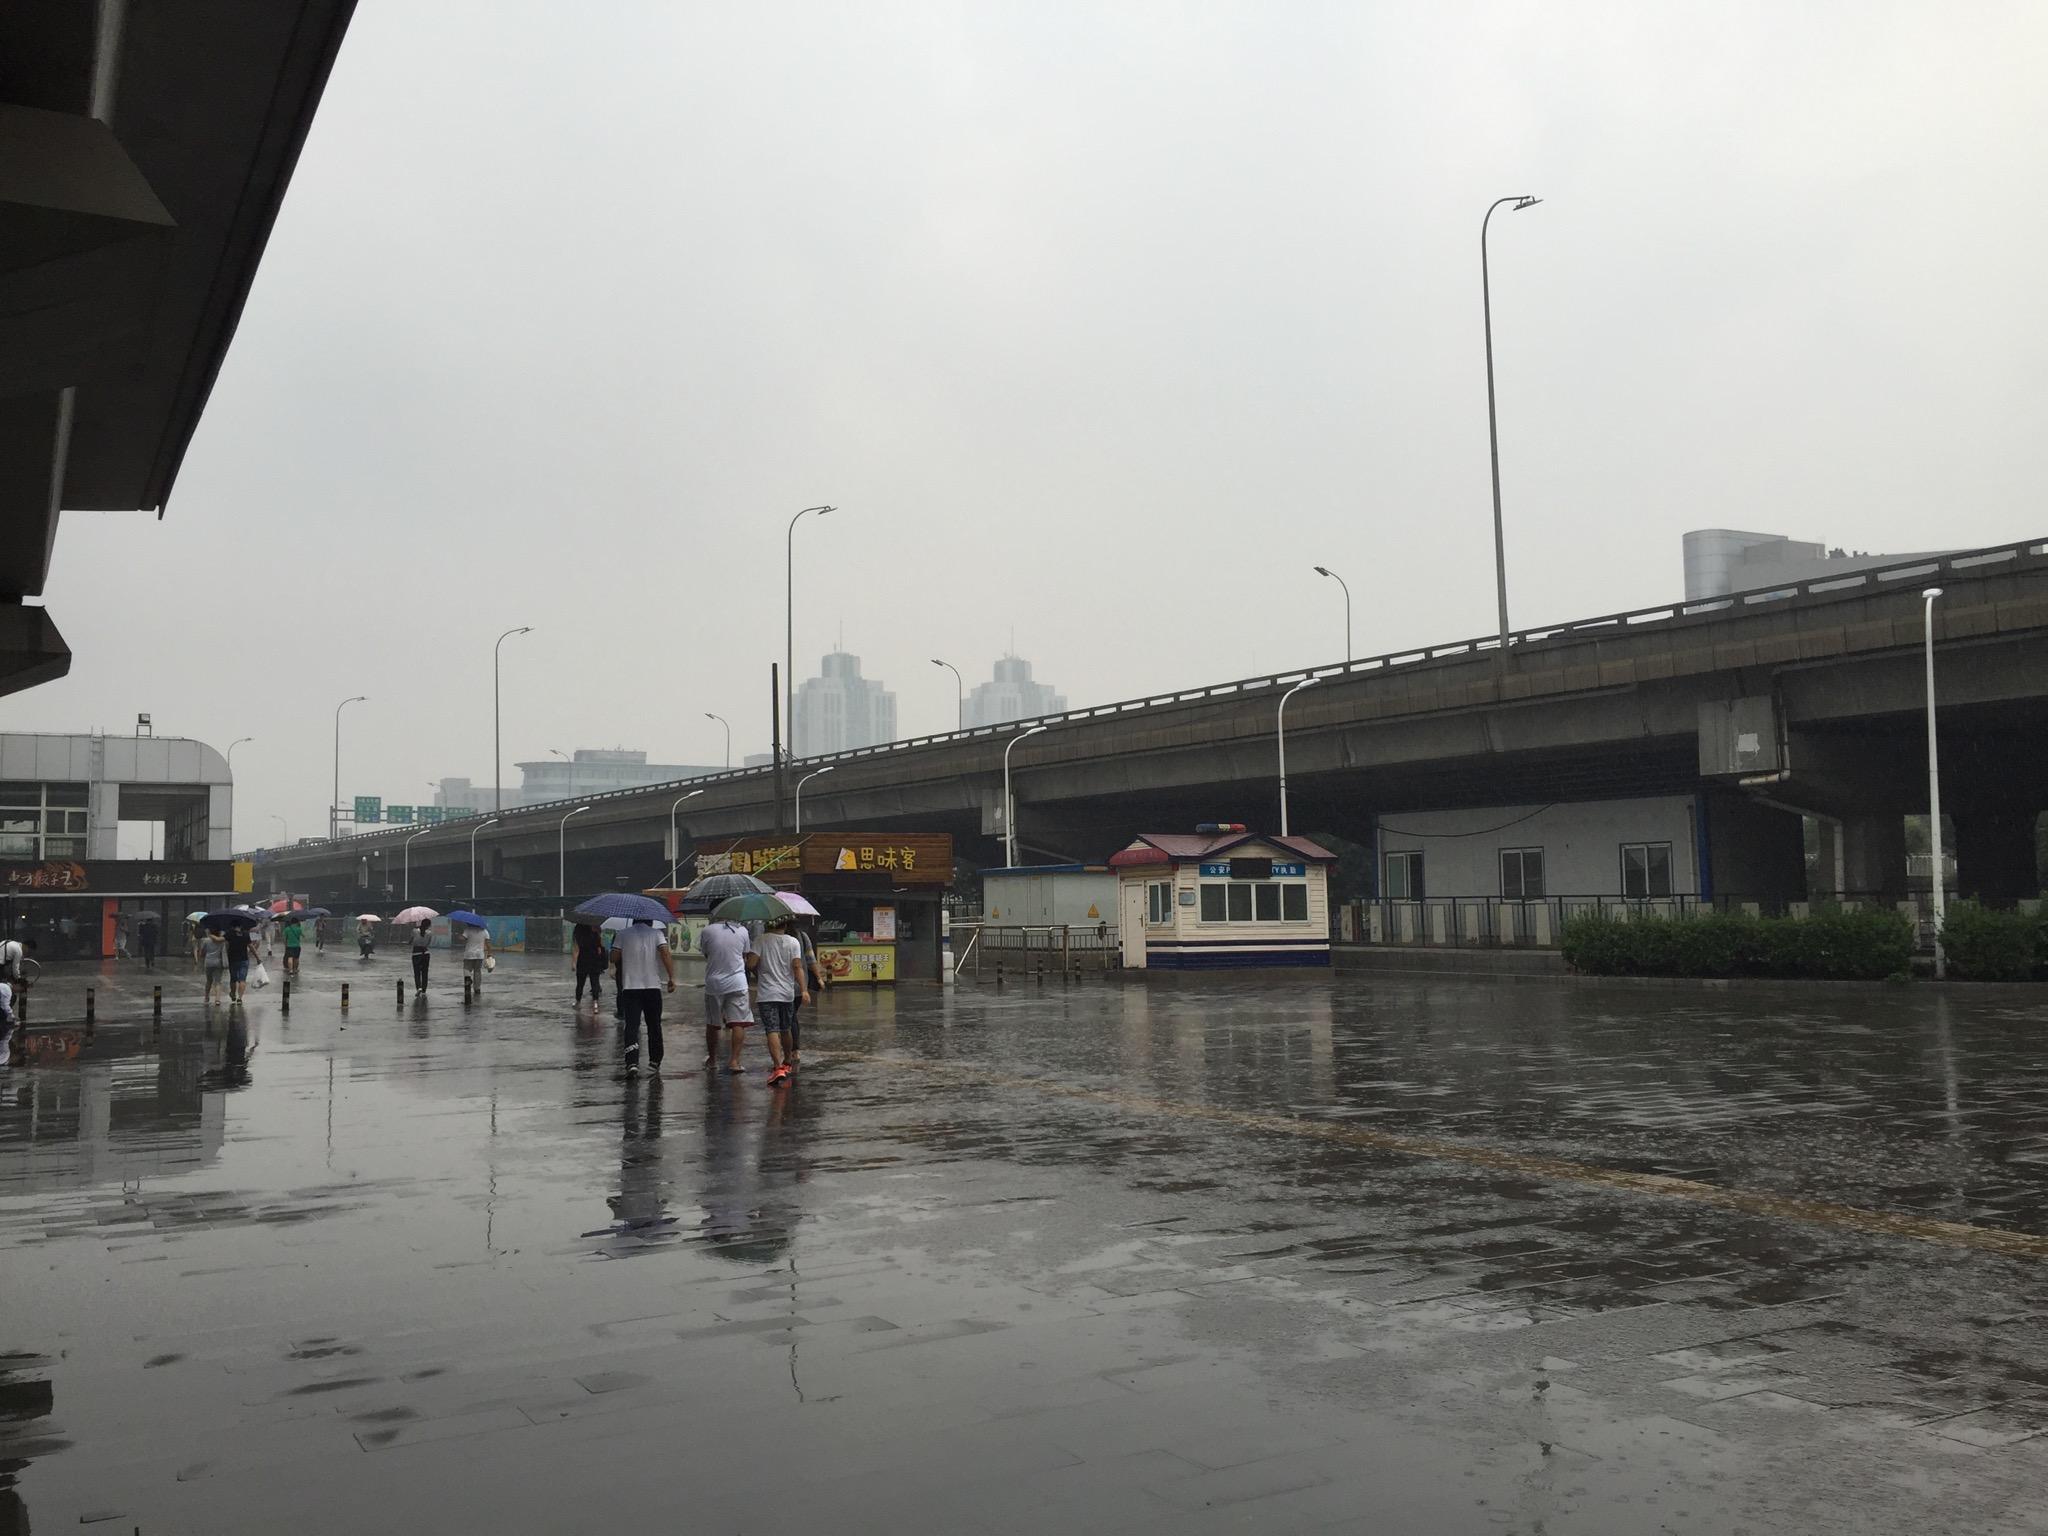 等赶回到西二旗城铁时,雨已经下大了